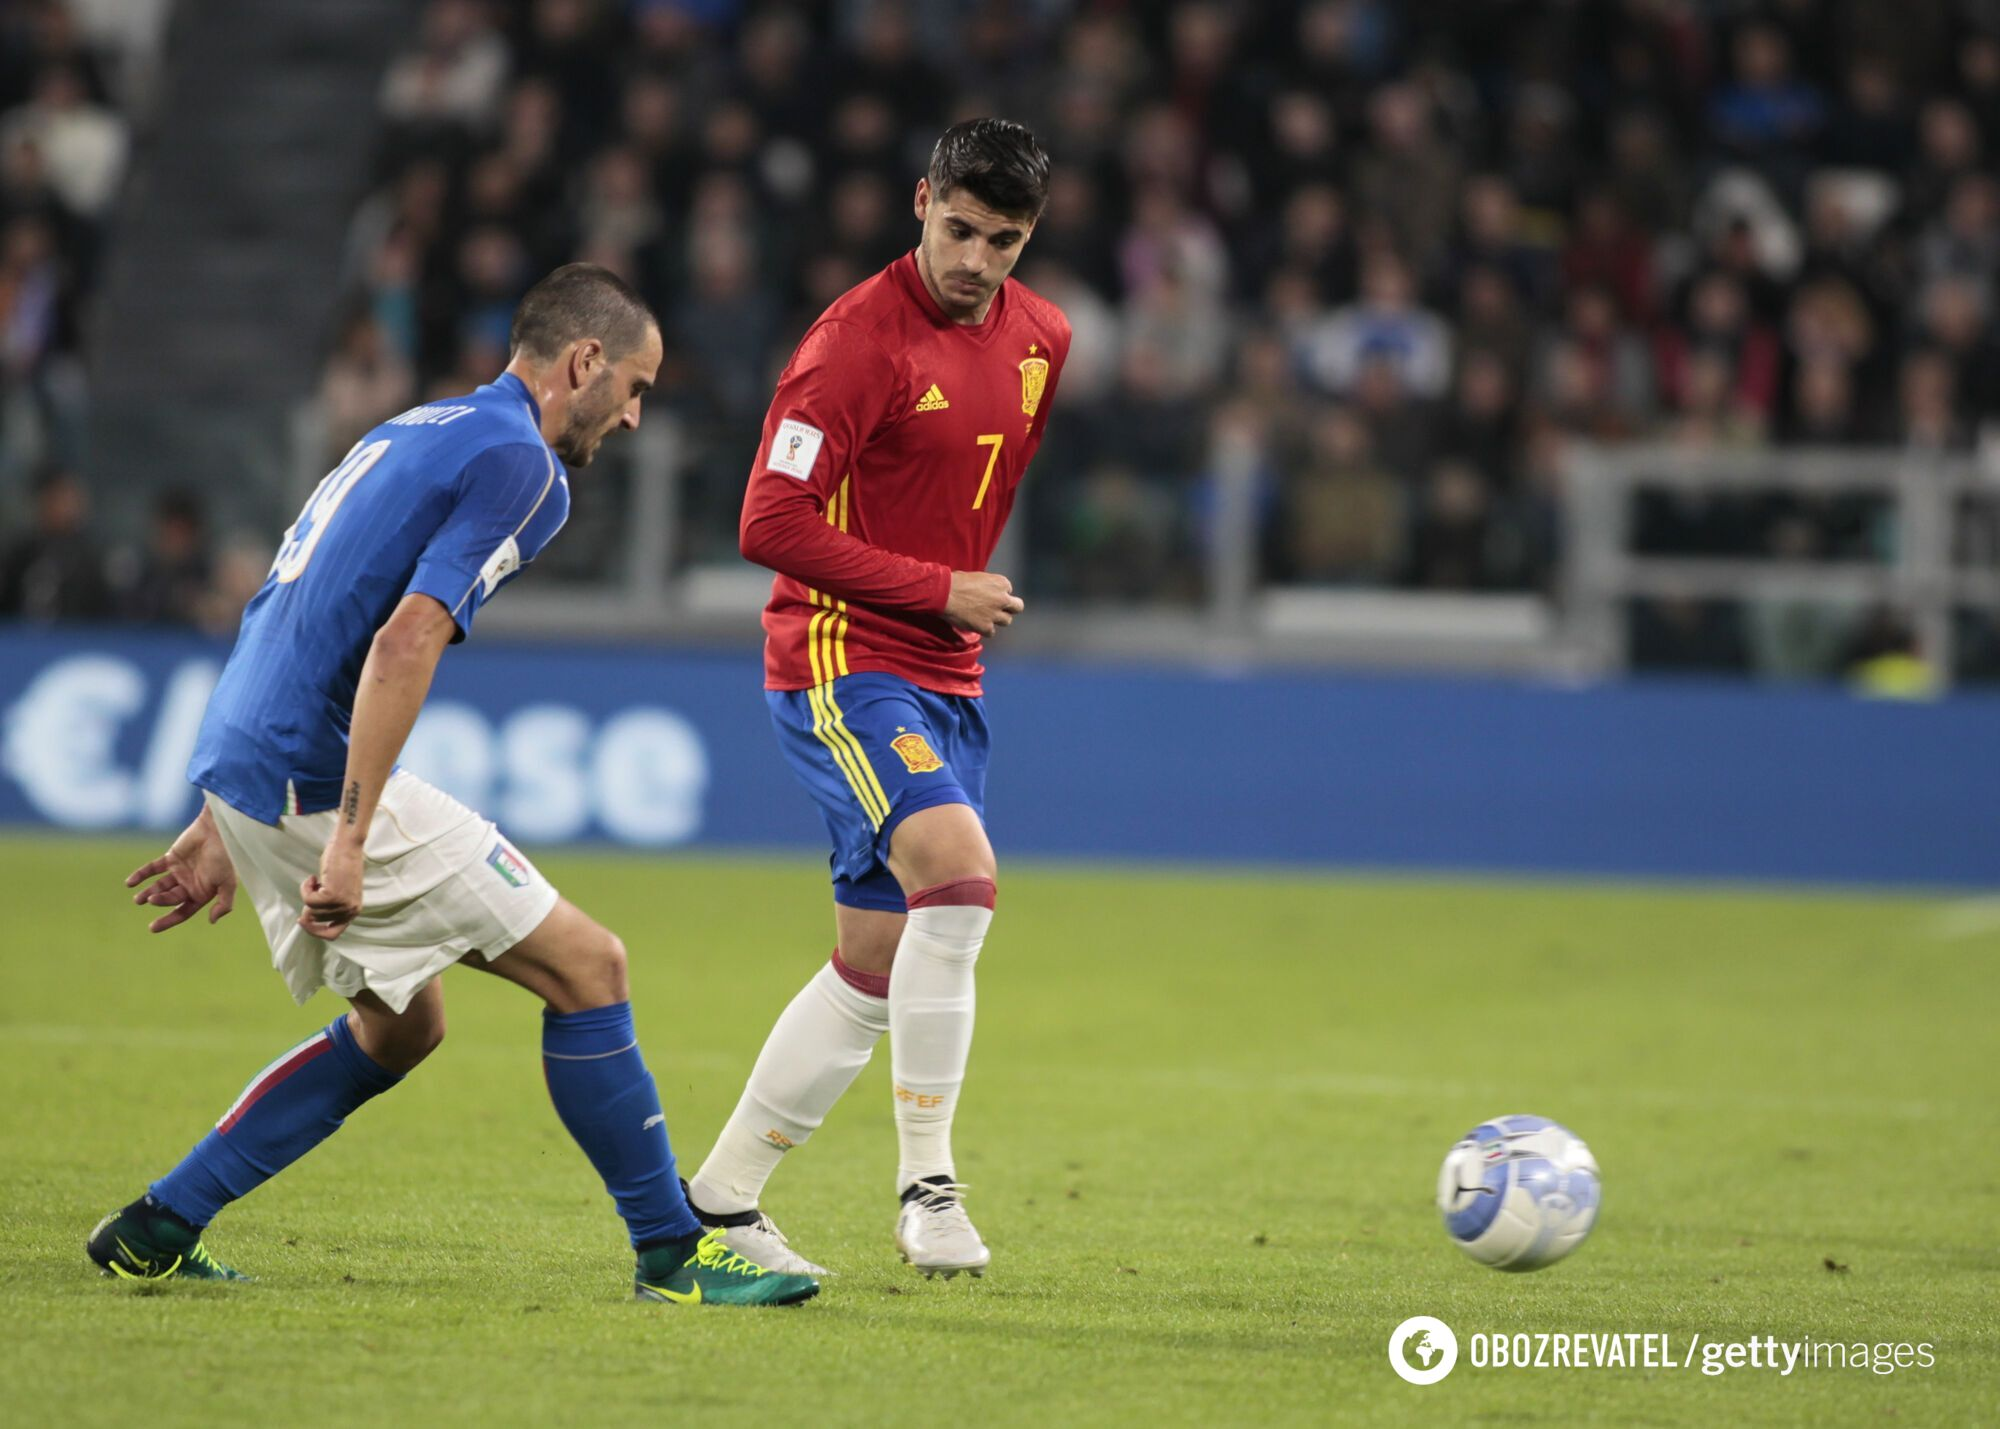 Матч Испания – Италия на Евро-2016.